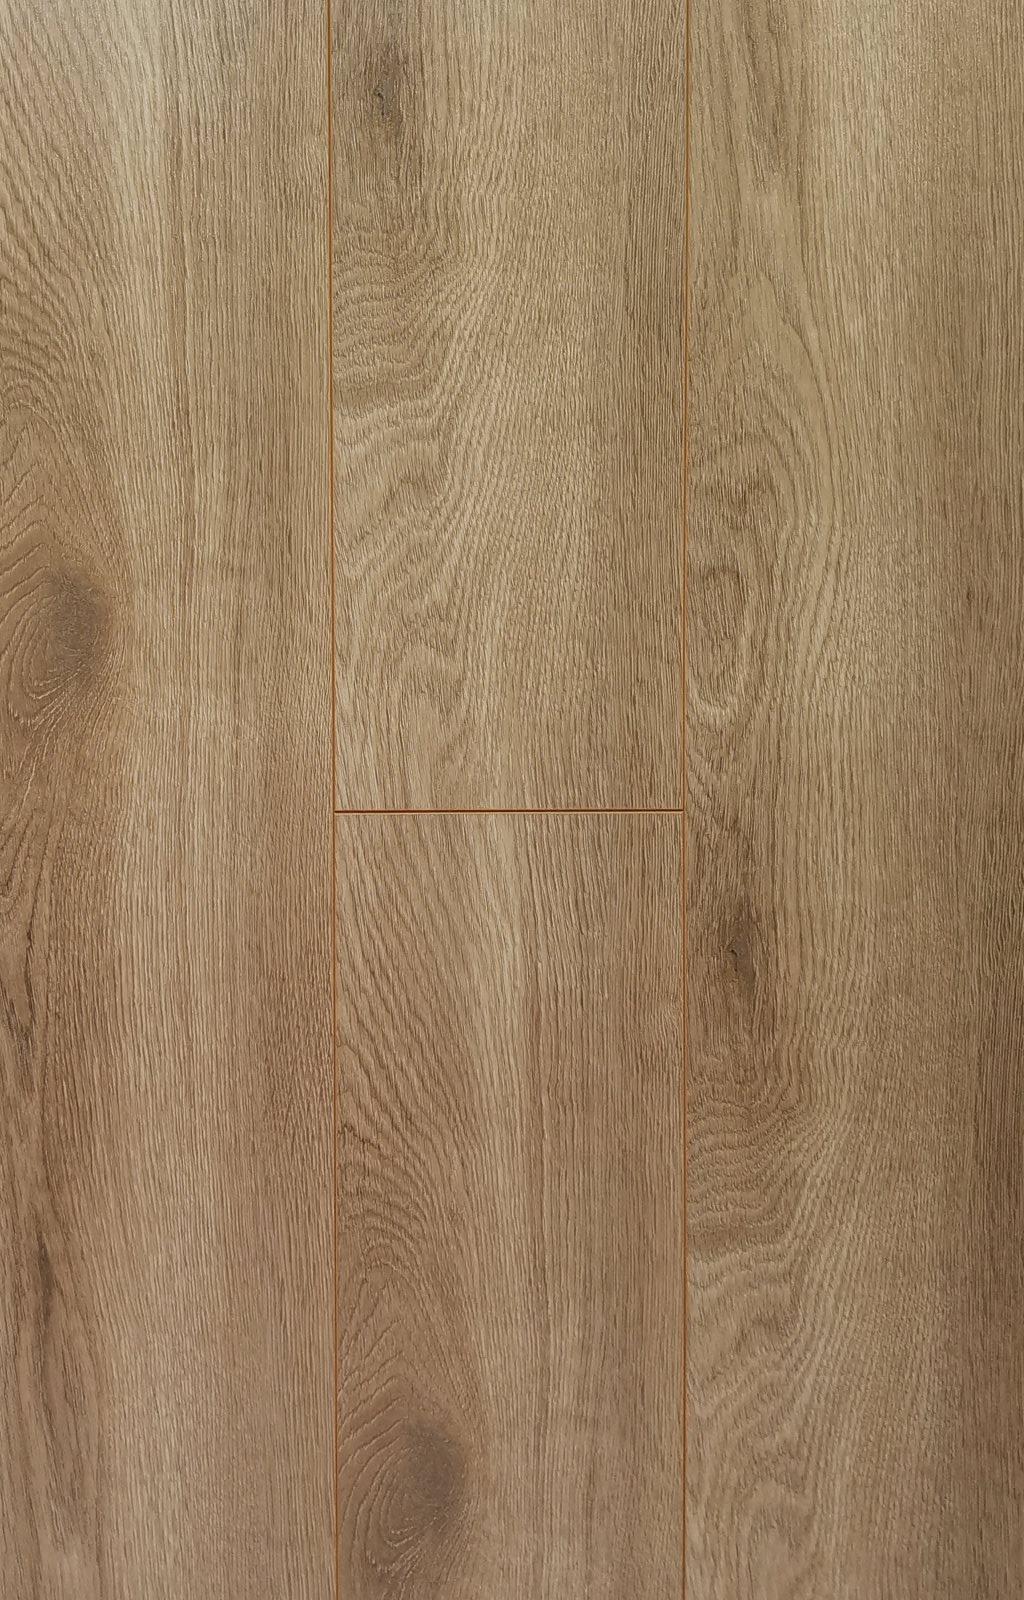 Ламинат Parfe Floor Narrow 4V 7602 Дуб Специя (7602)